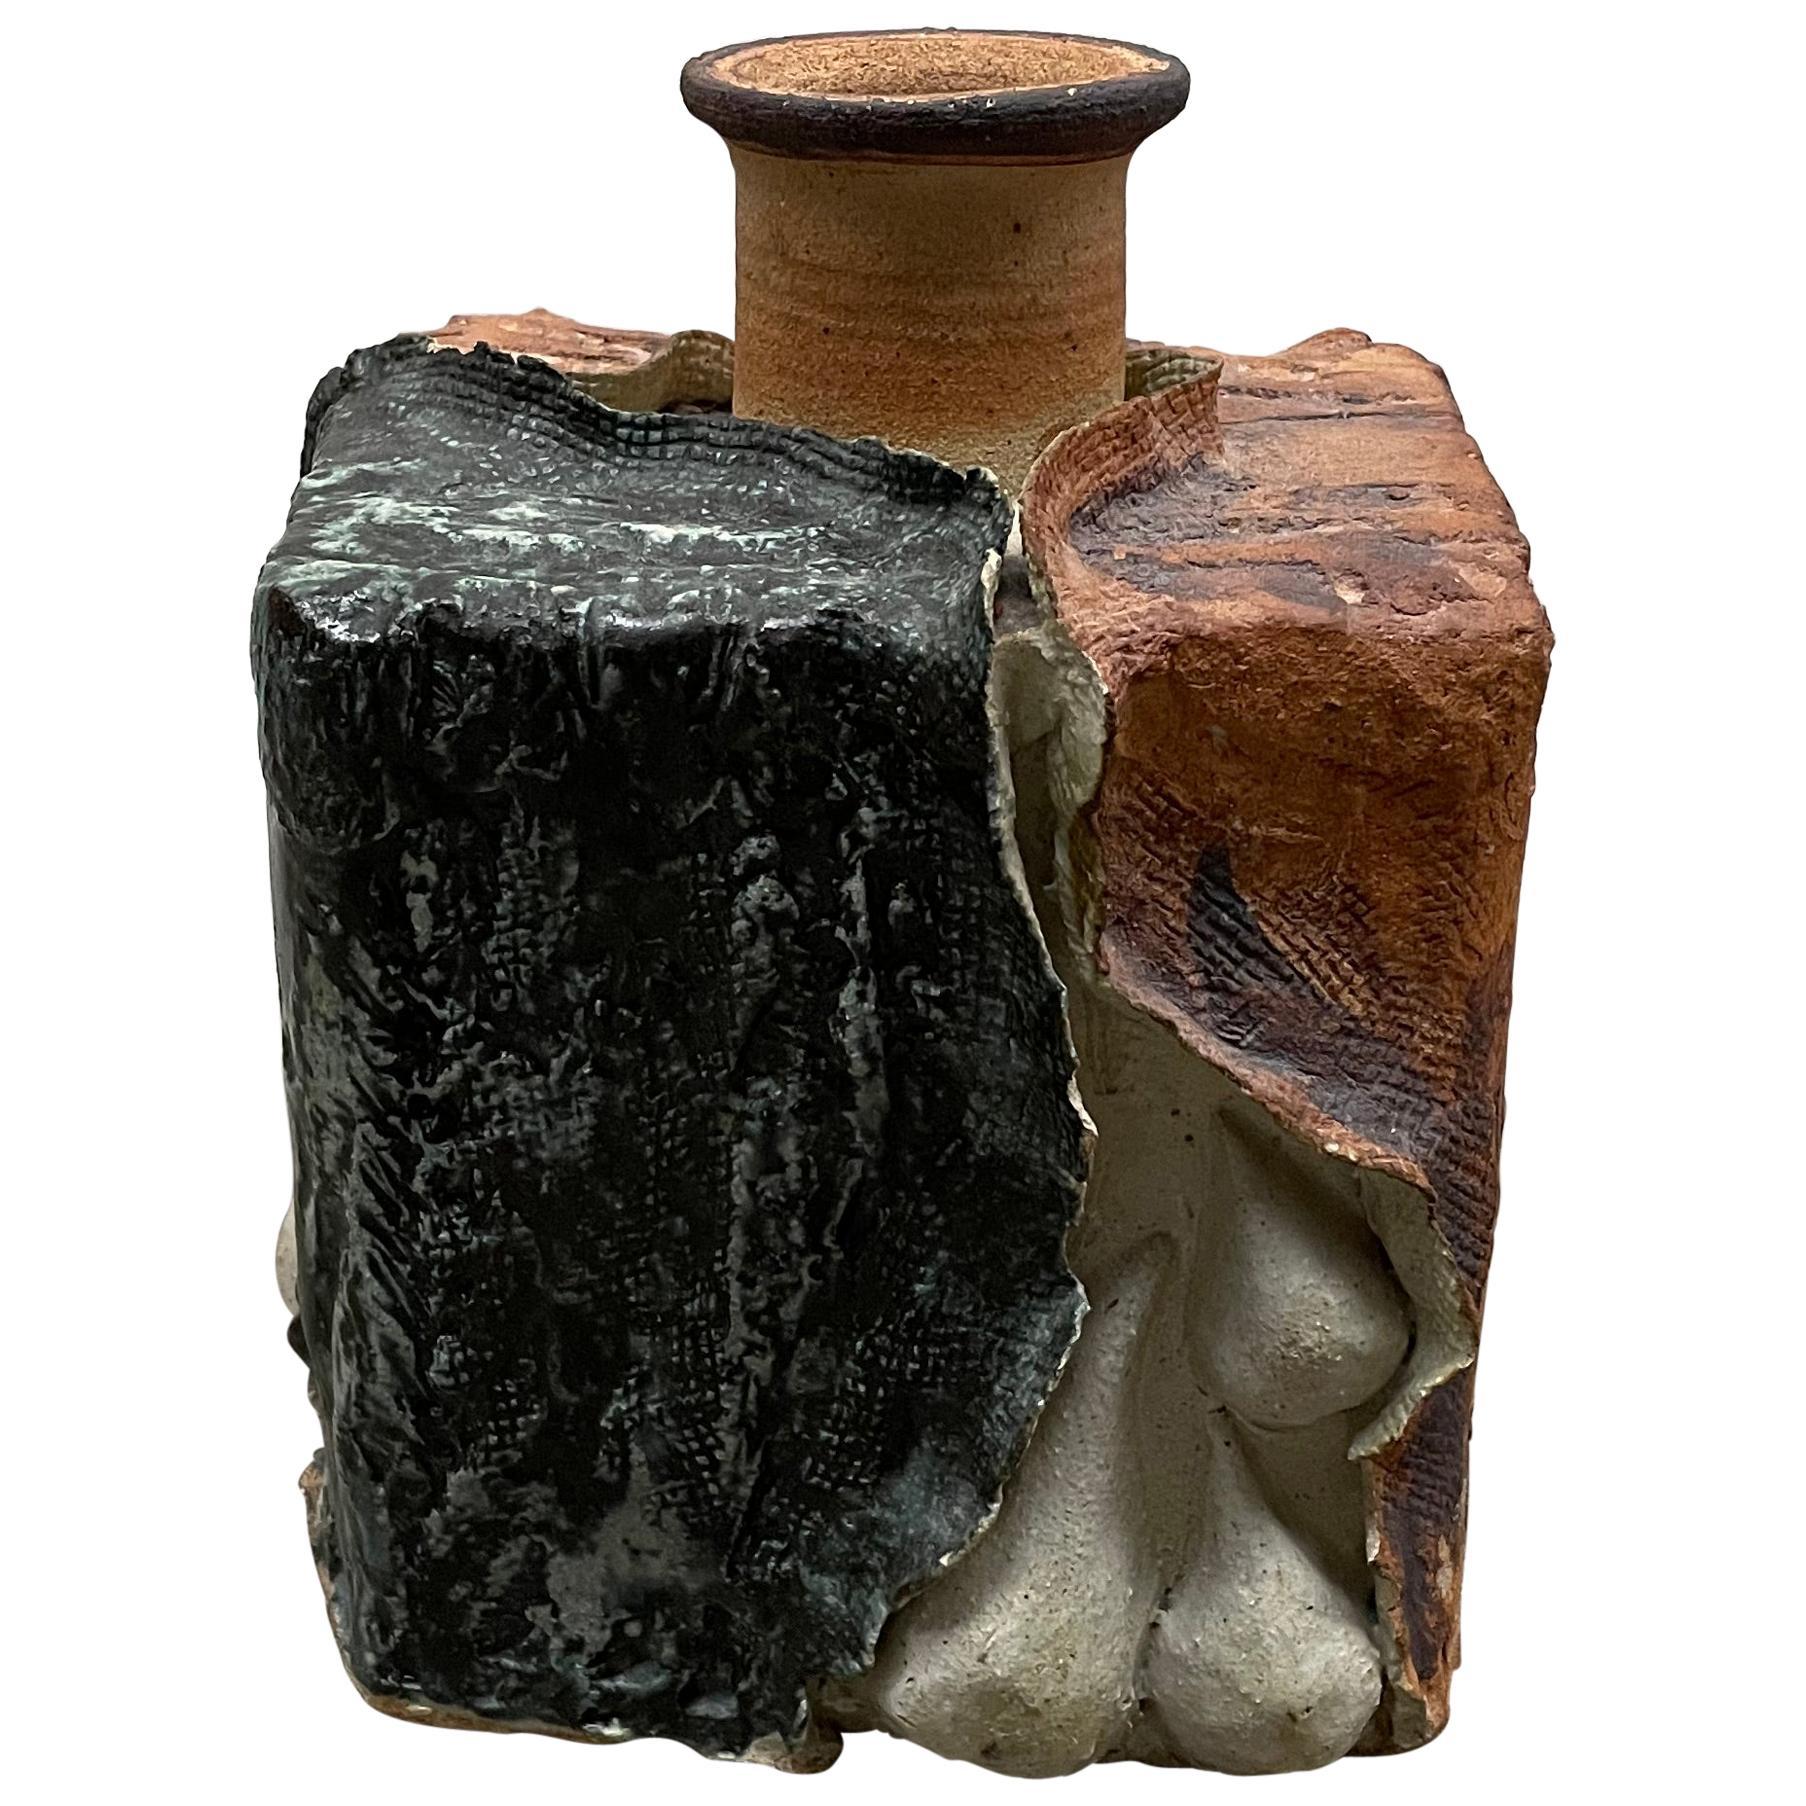 Sculptural Vase in Brutalist Design, 1970s